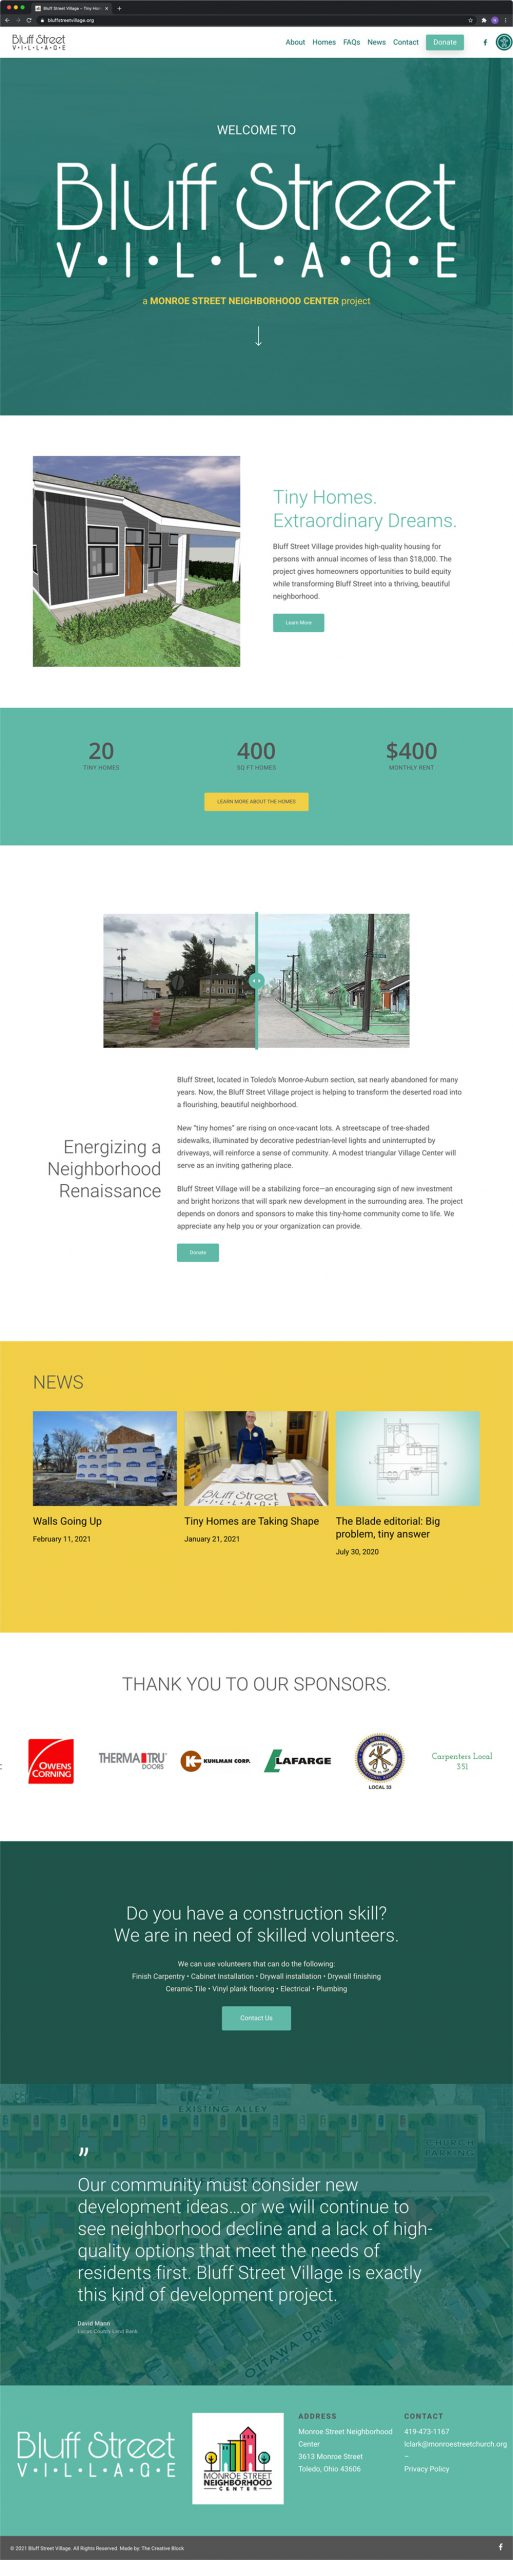 Bluff Street Village - Homepage